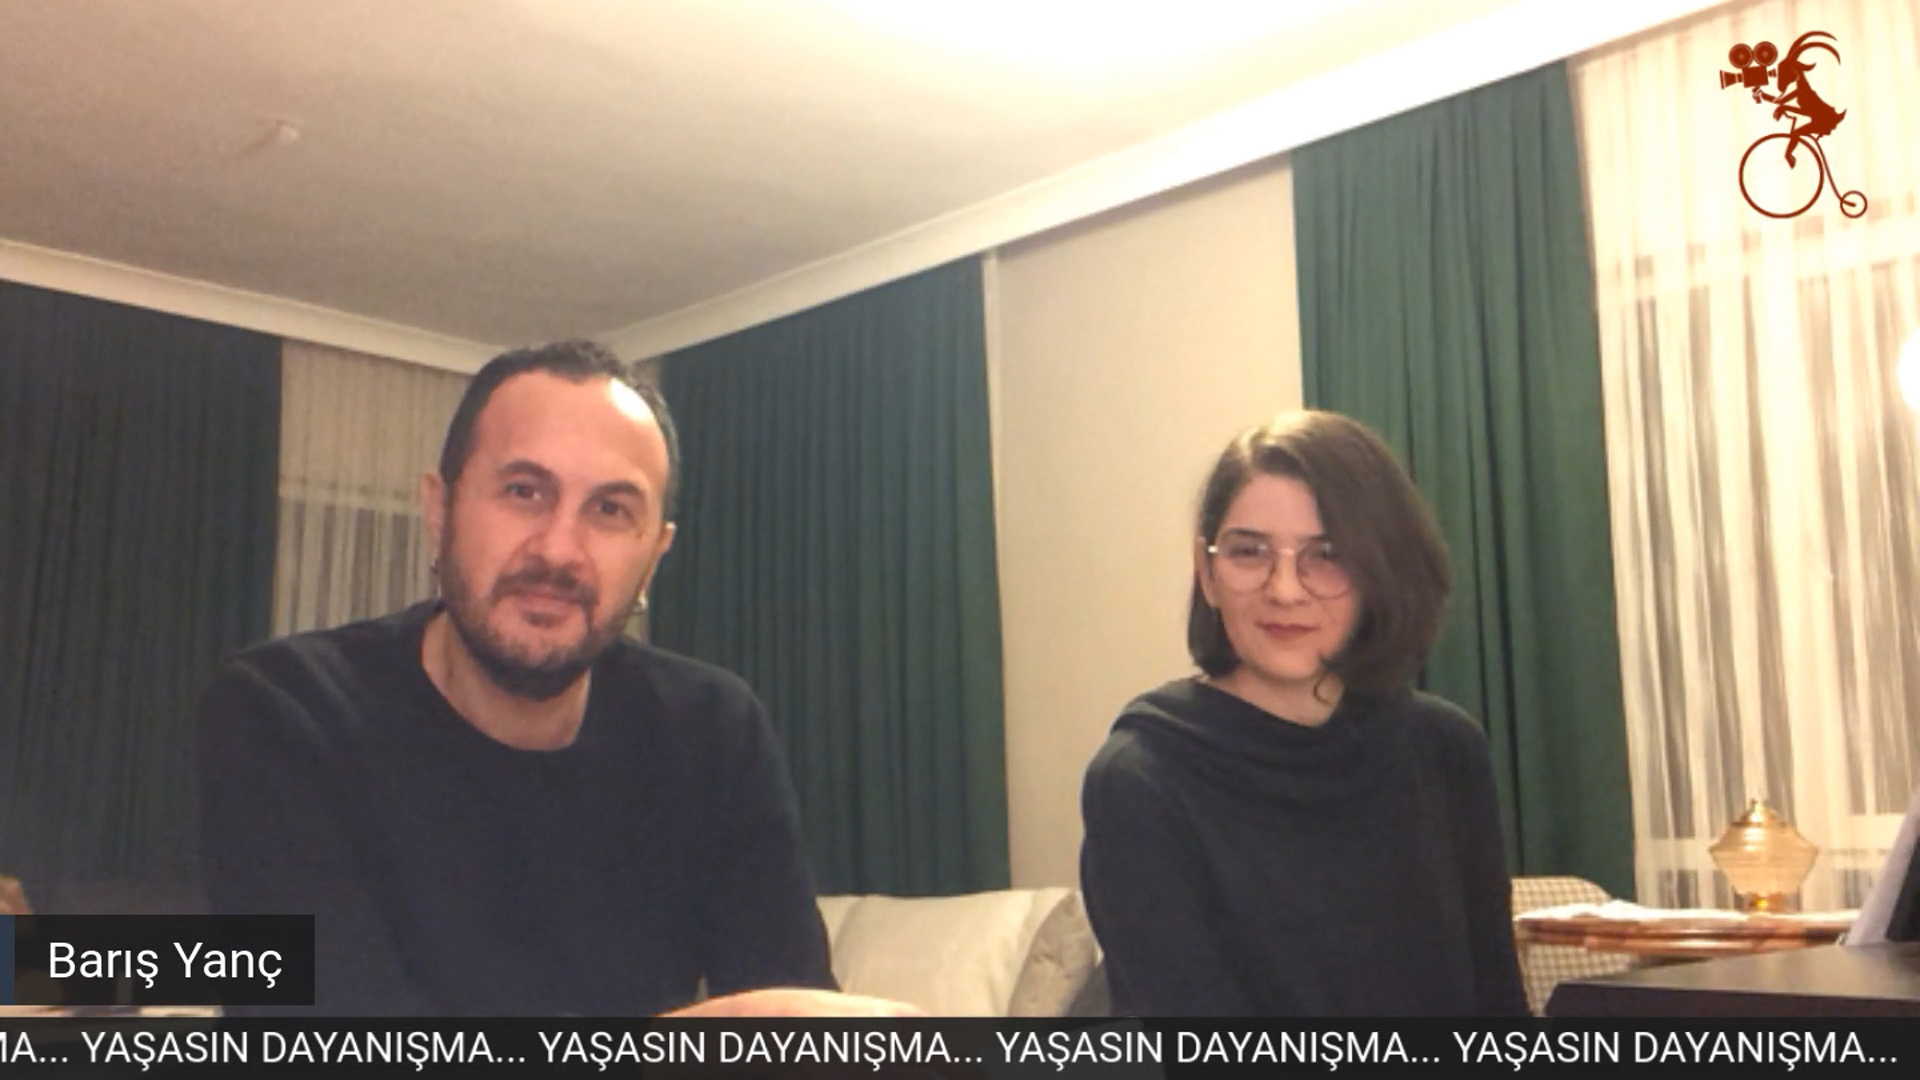 Solfasol Müzikal Dayanışma Açılış Gecesi Barış Yanç ve Hande Uçar